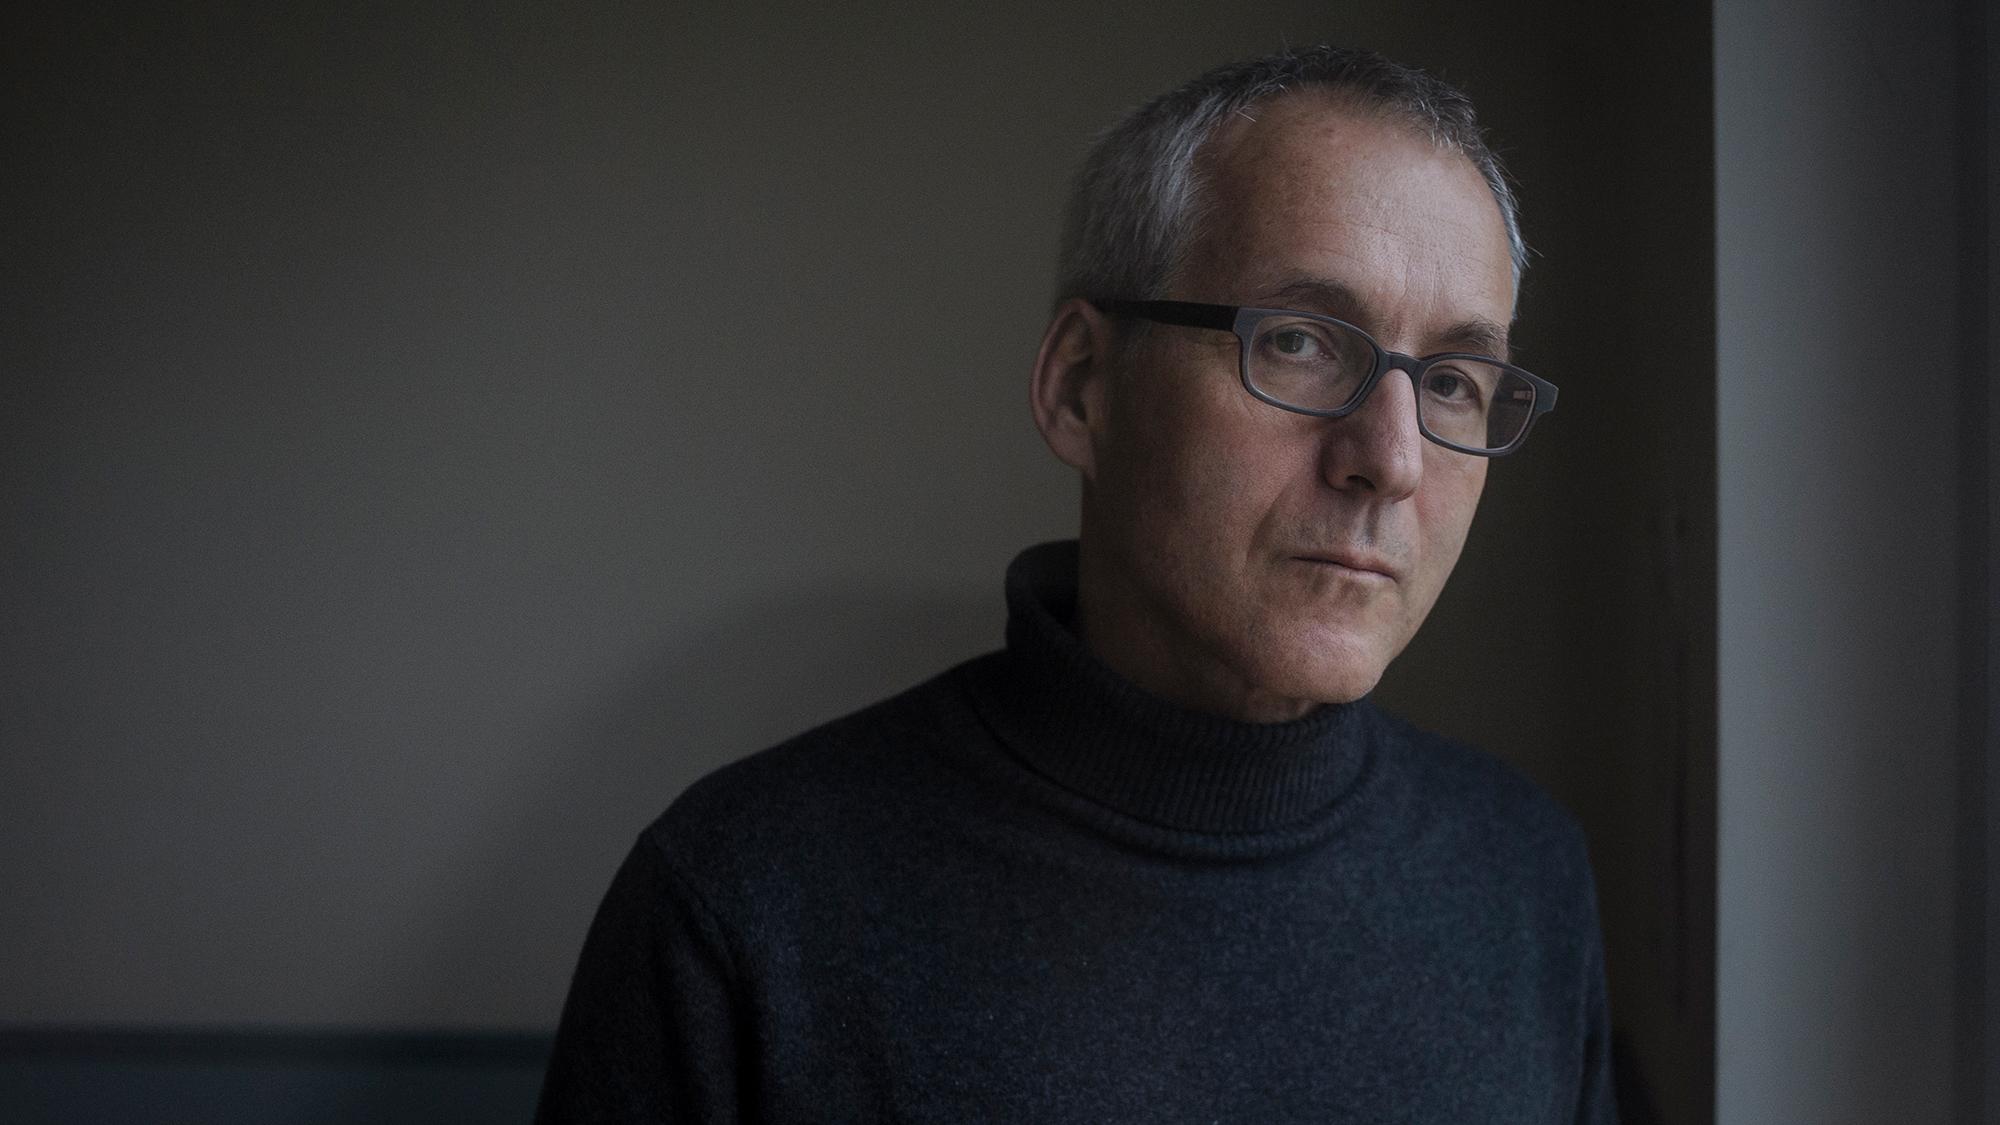 Philipp Sarasin, Historiker an der Universität Zürich, in der Forschungsstelle für Sozial- und Wirtschaftsgeschichte, am F